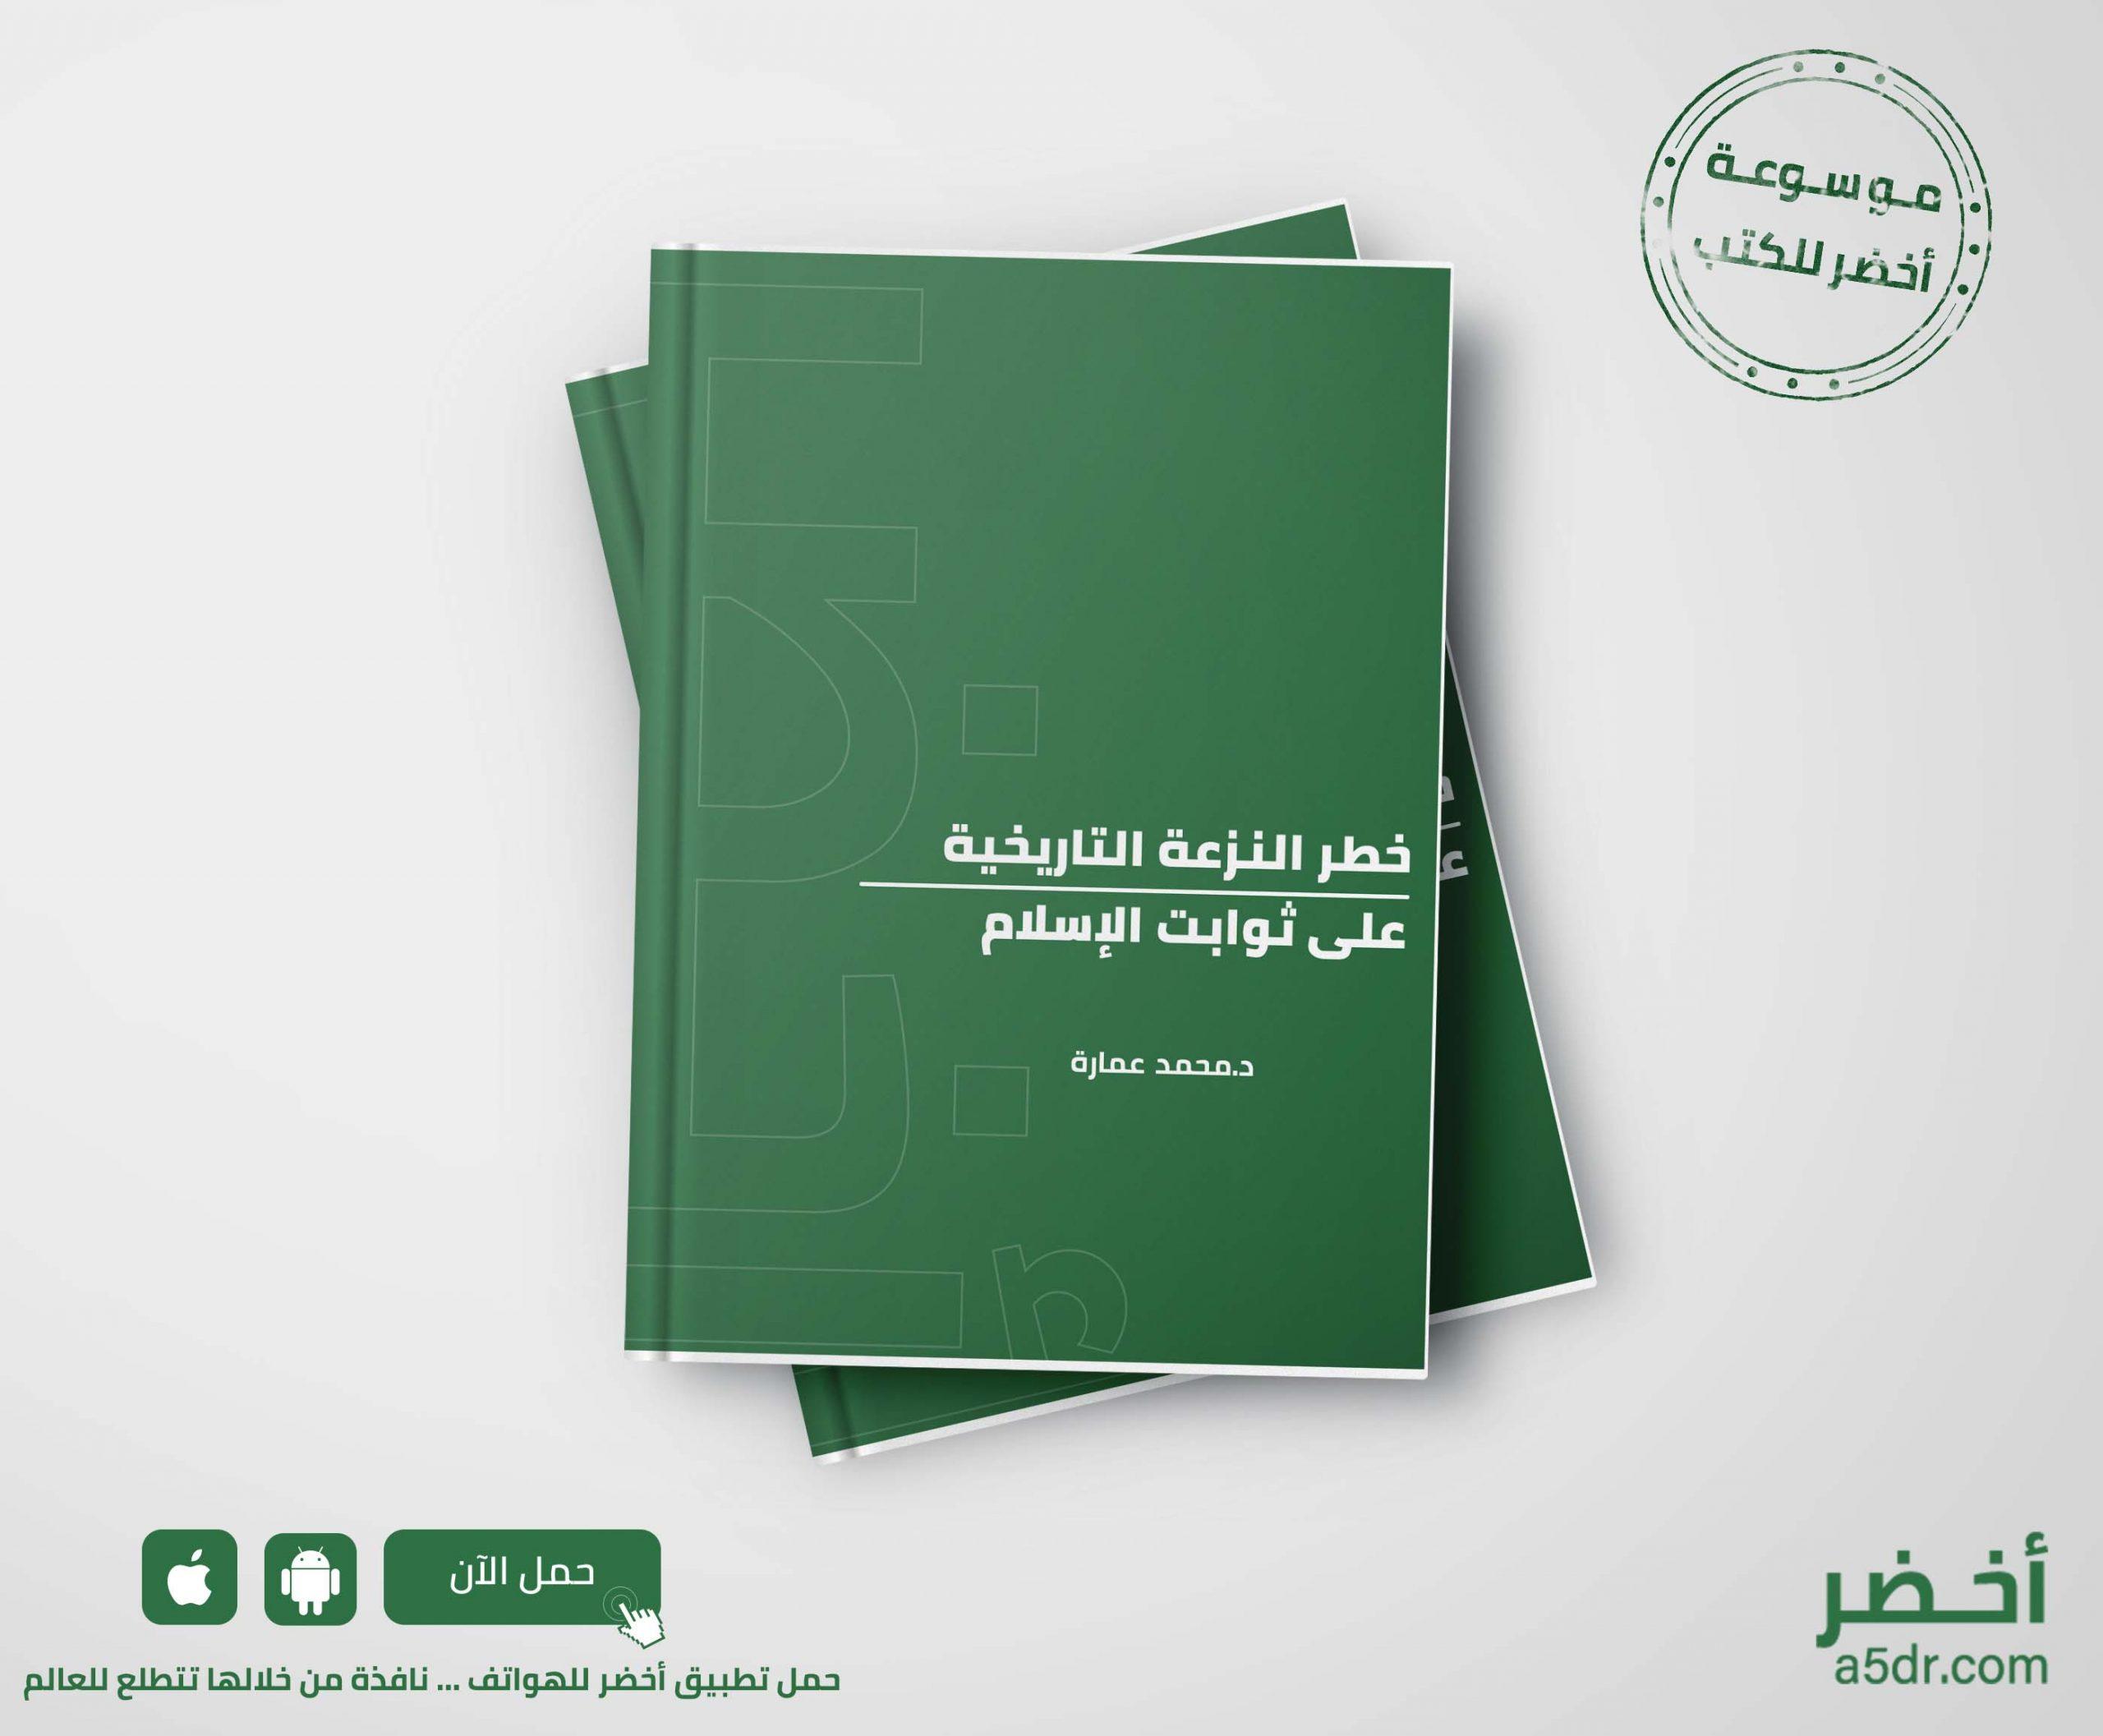 كتاب خطر النزعة التاريخية على ثوابت الإسلام - محمد عمارة